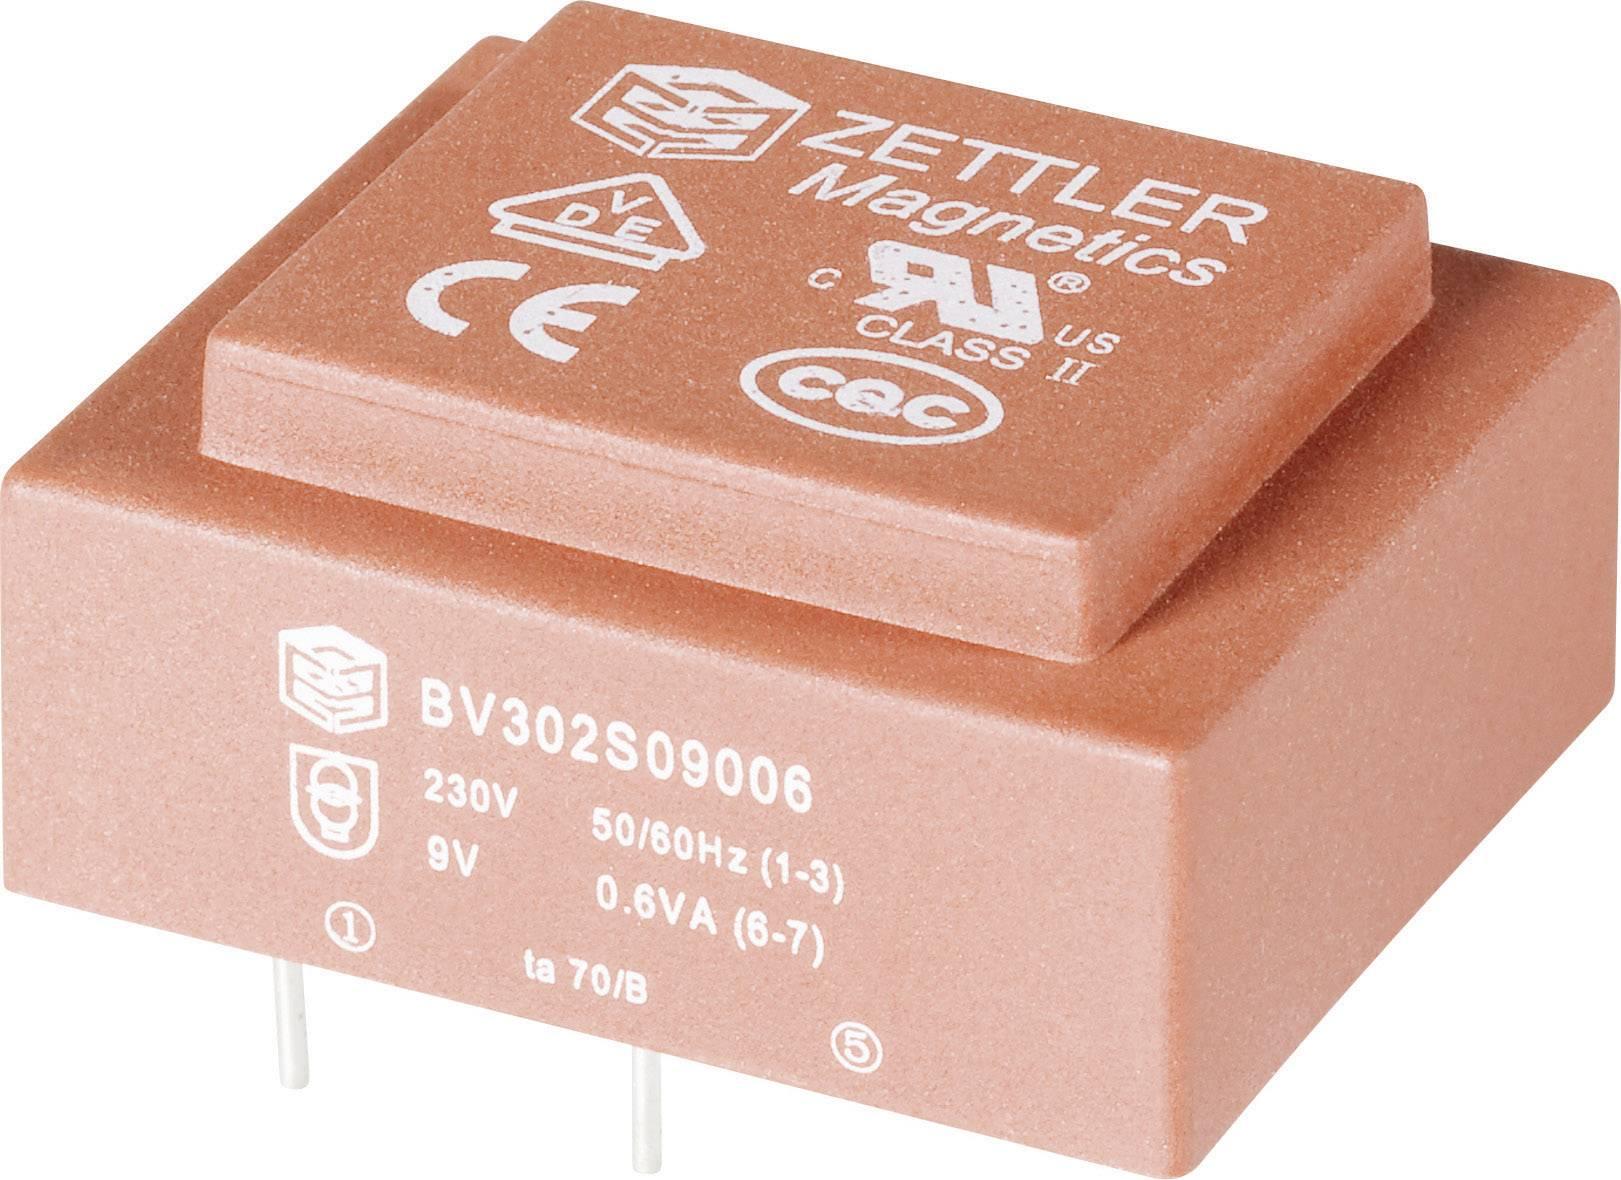 Transformátor do DPS Zettler Magnetics El30, 230 V/2x 15 V, 2x 20 mA, 1 VA